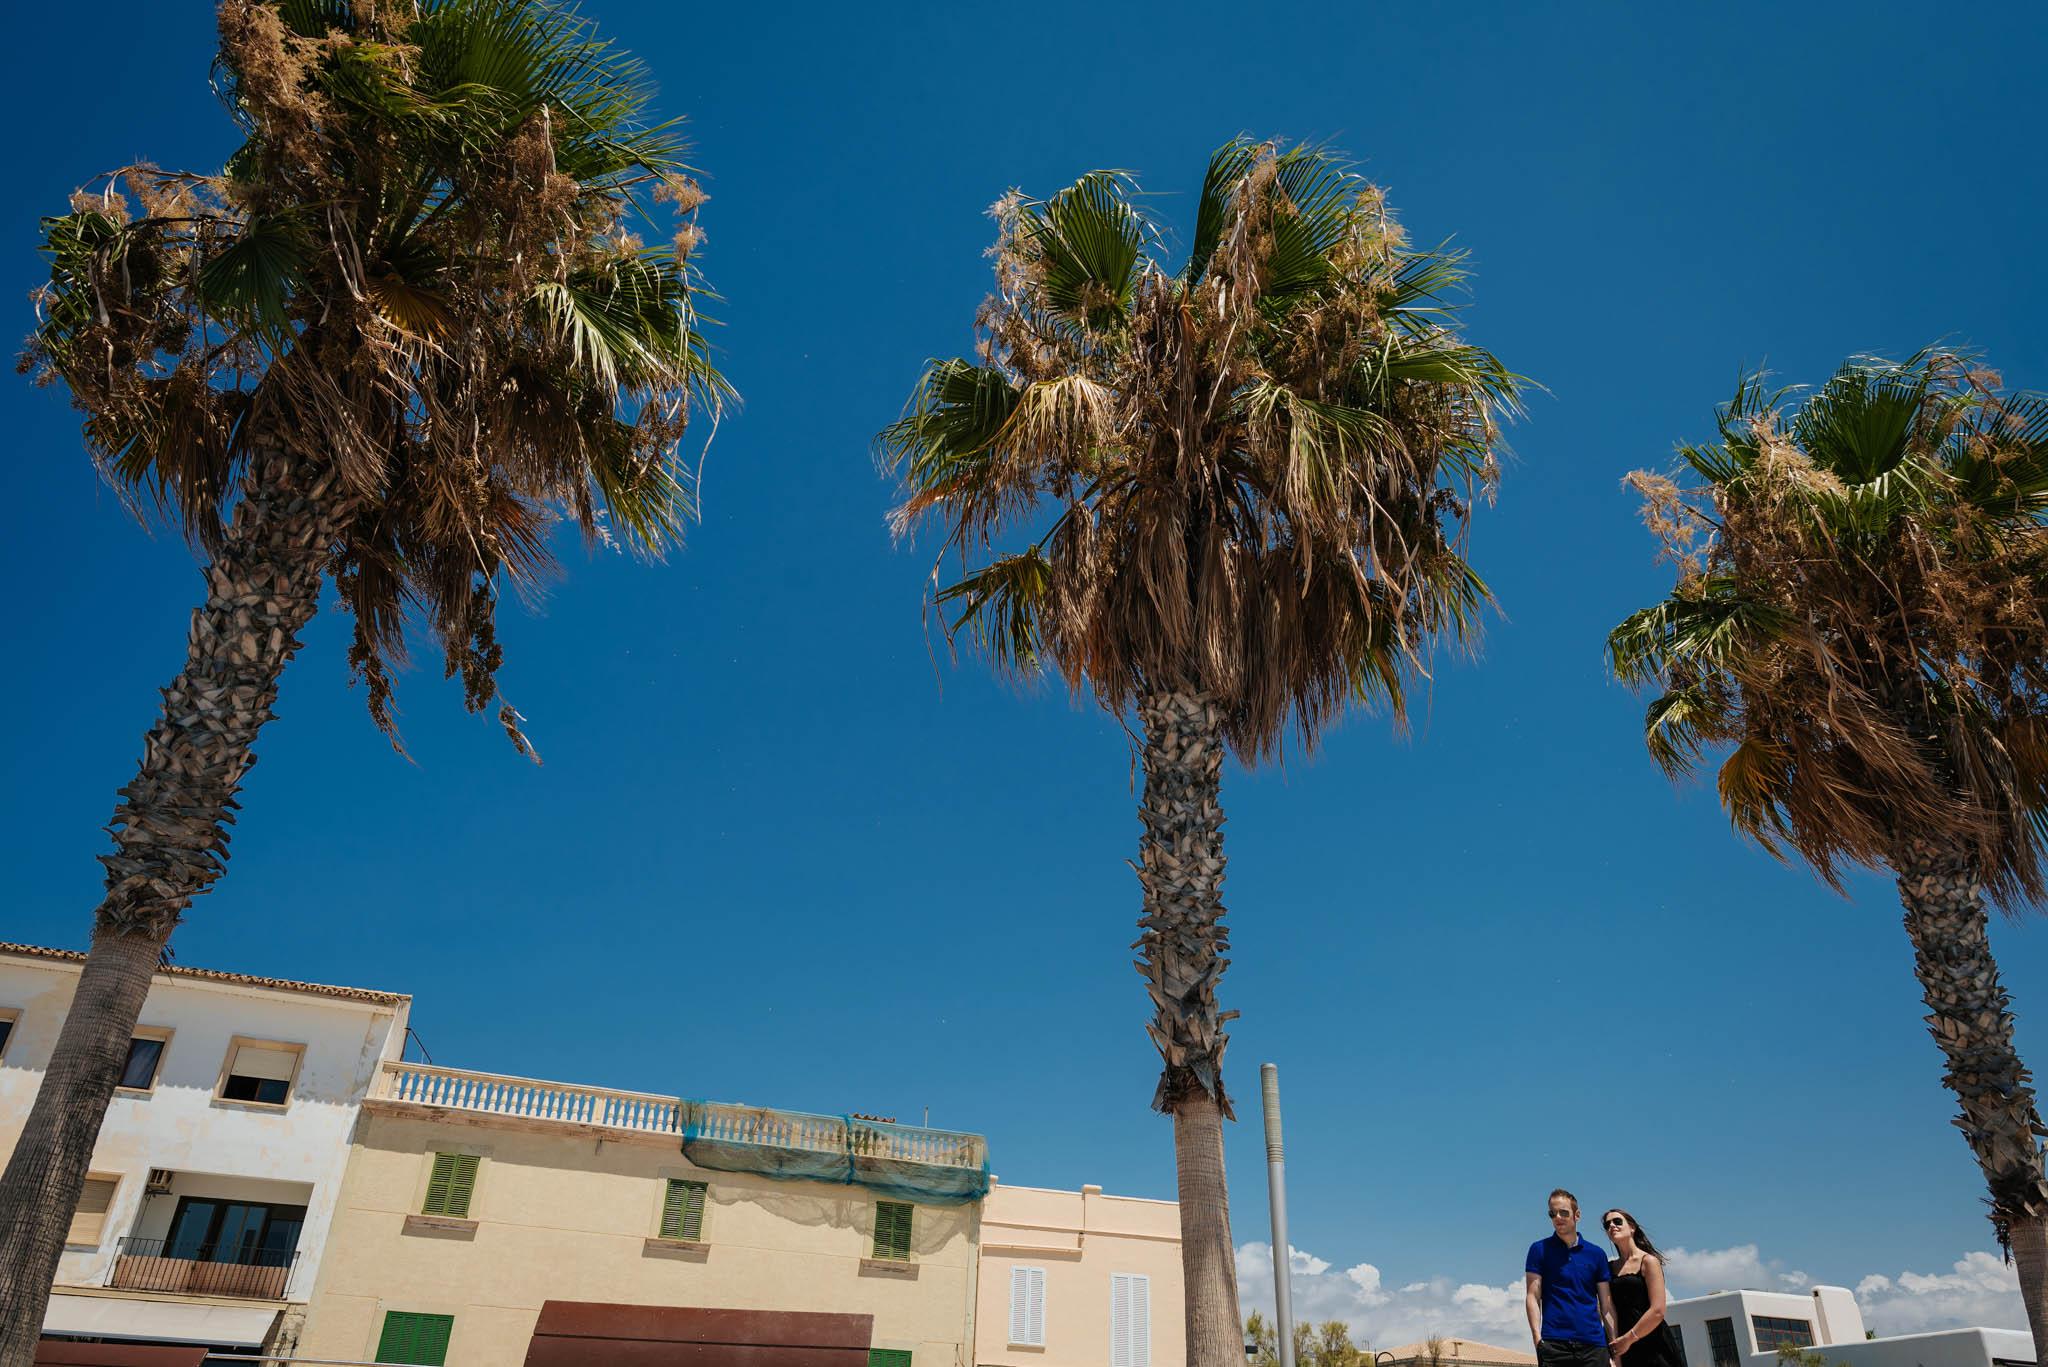 destination-wedding-photography-spain-palma-de-mallorca (145)